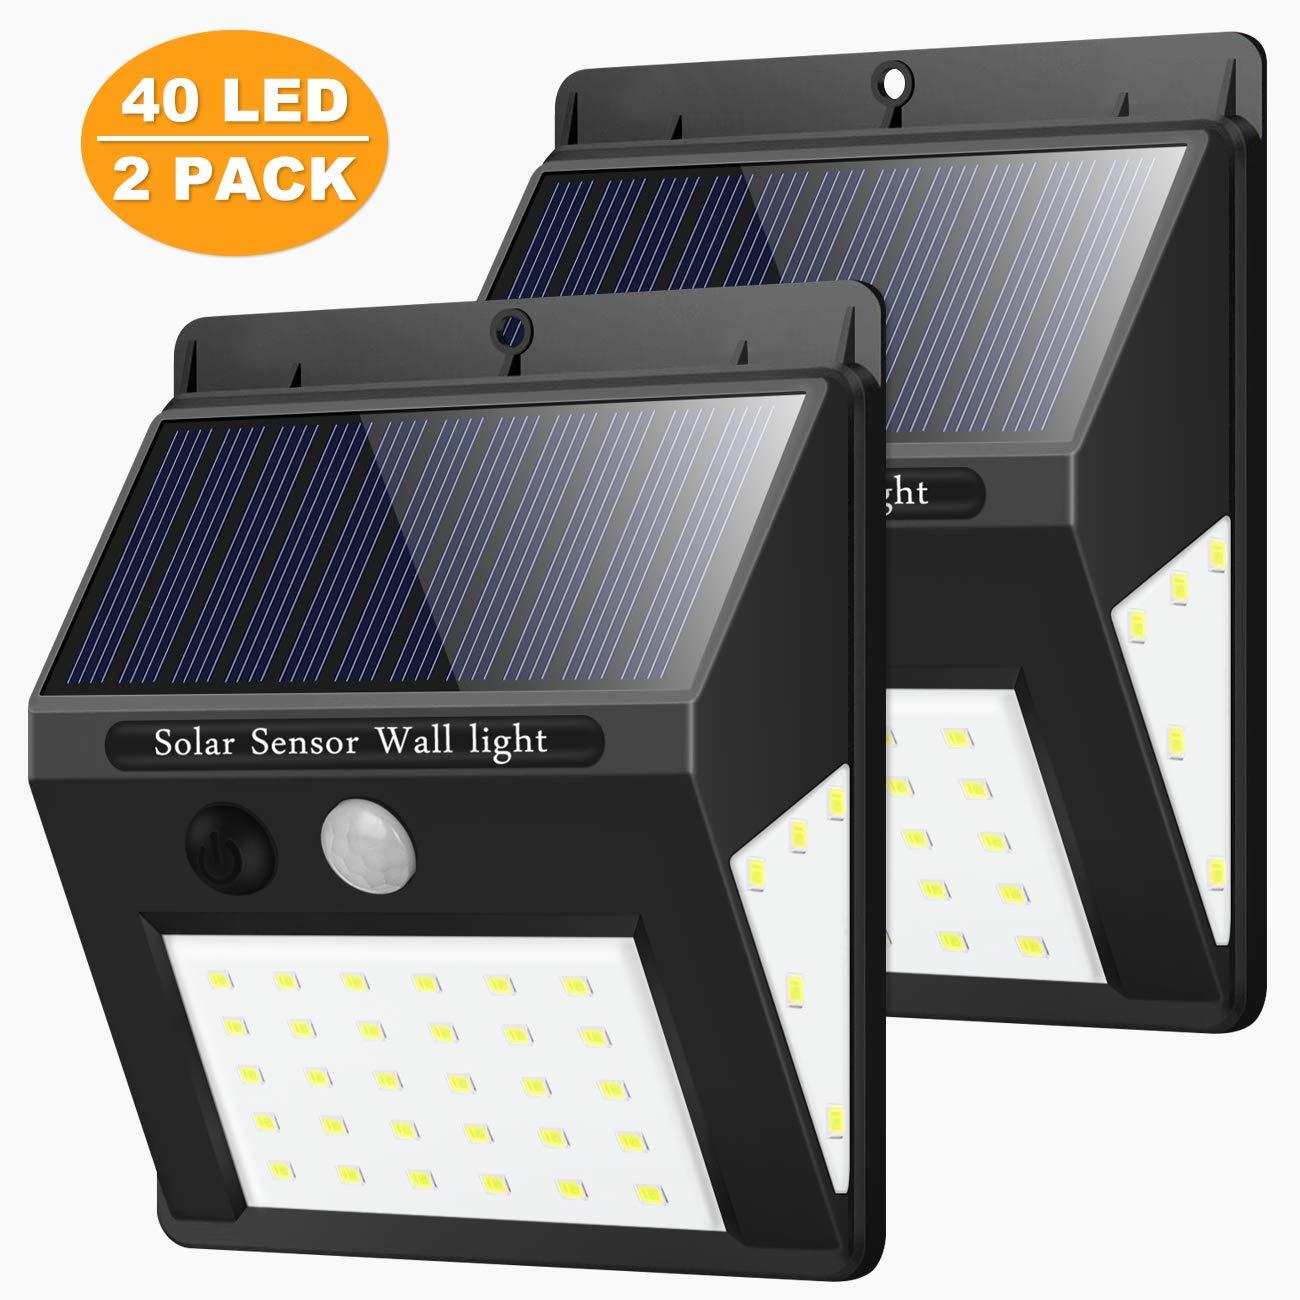 Solarleuchte für Außen, [2 Stück] Nasharia 40 LED Solarlampen mit Bewegungsmelder IP65 Wasserdichte Solar Beleuchtung 270° Superhelle Solarlicht mit 3 Modi Wandleuchte Solarleuchten für Garten, Patio